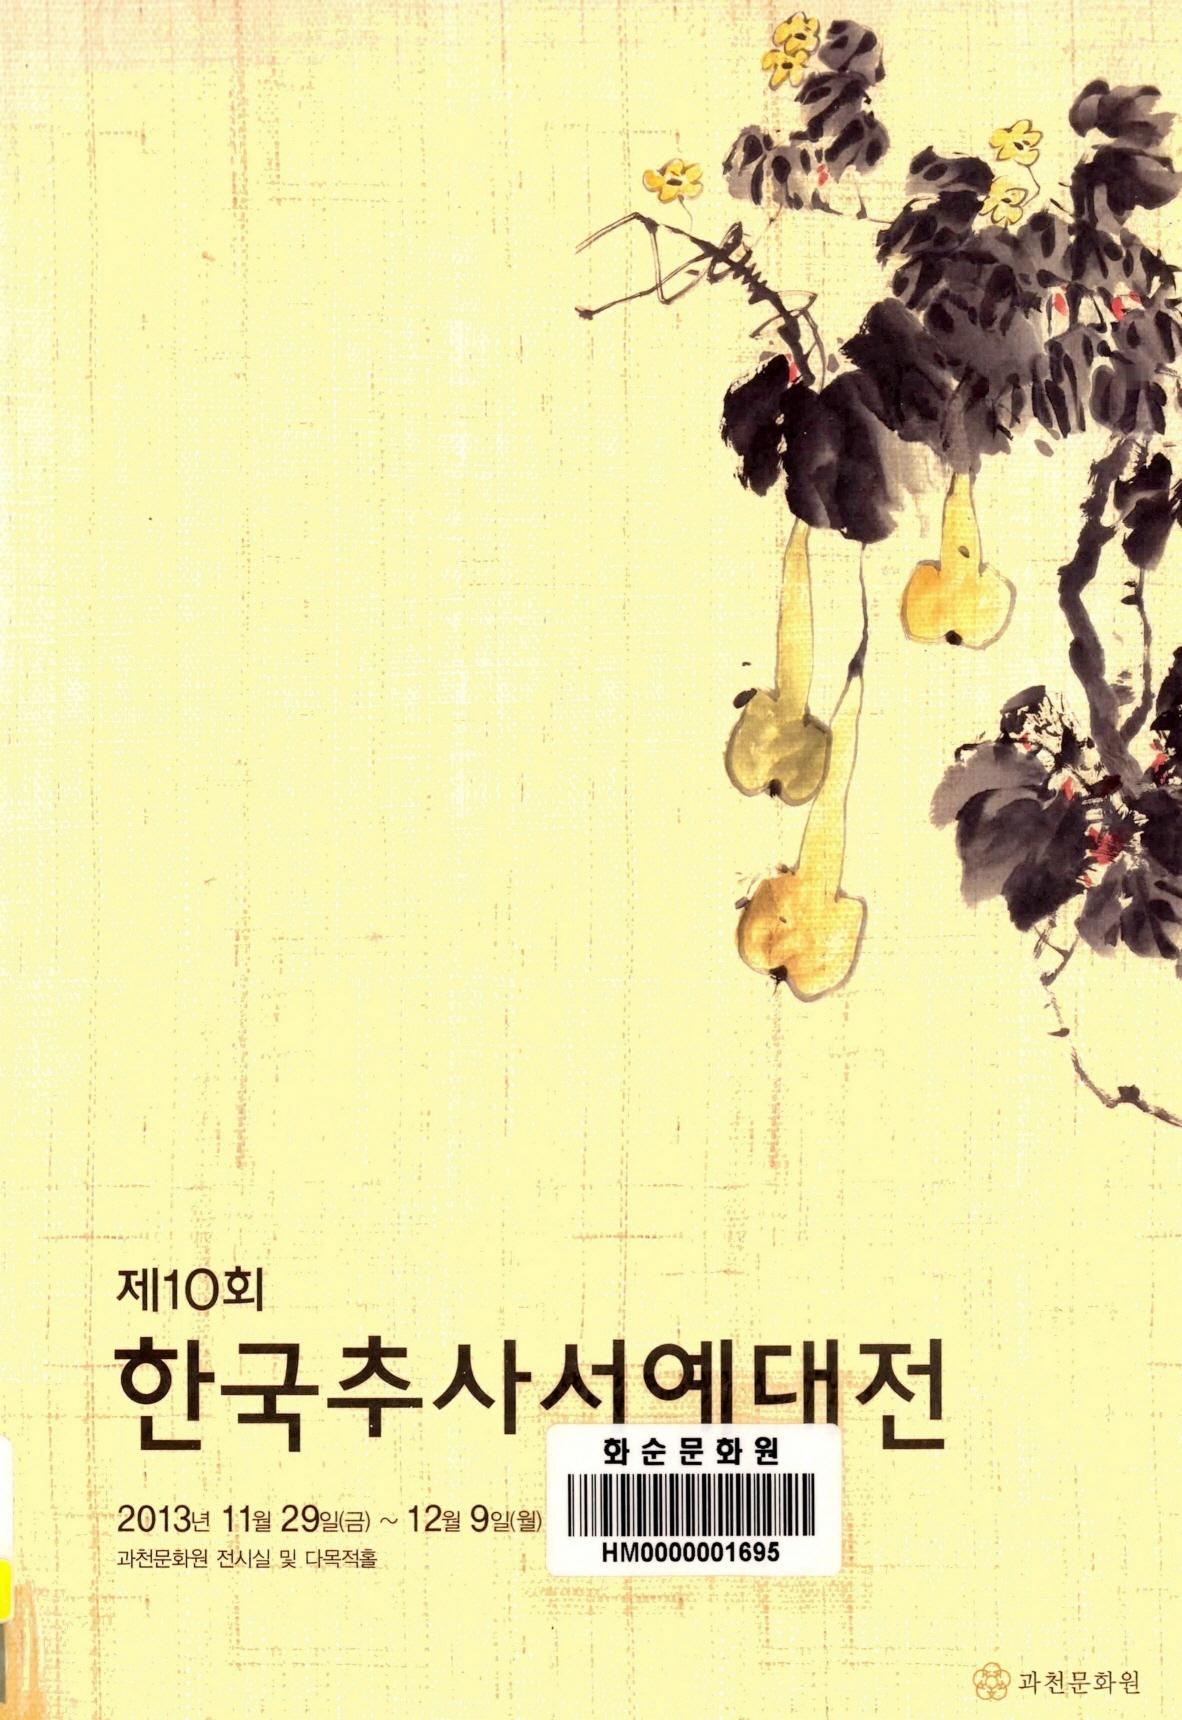 제10회 한국추사서예대전